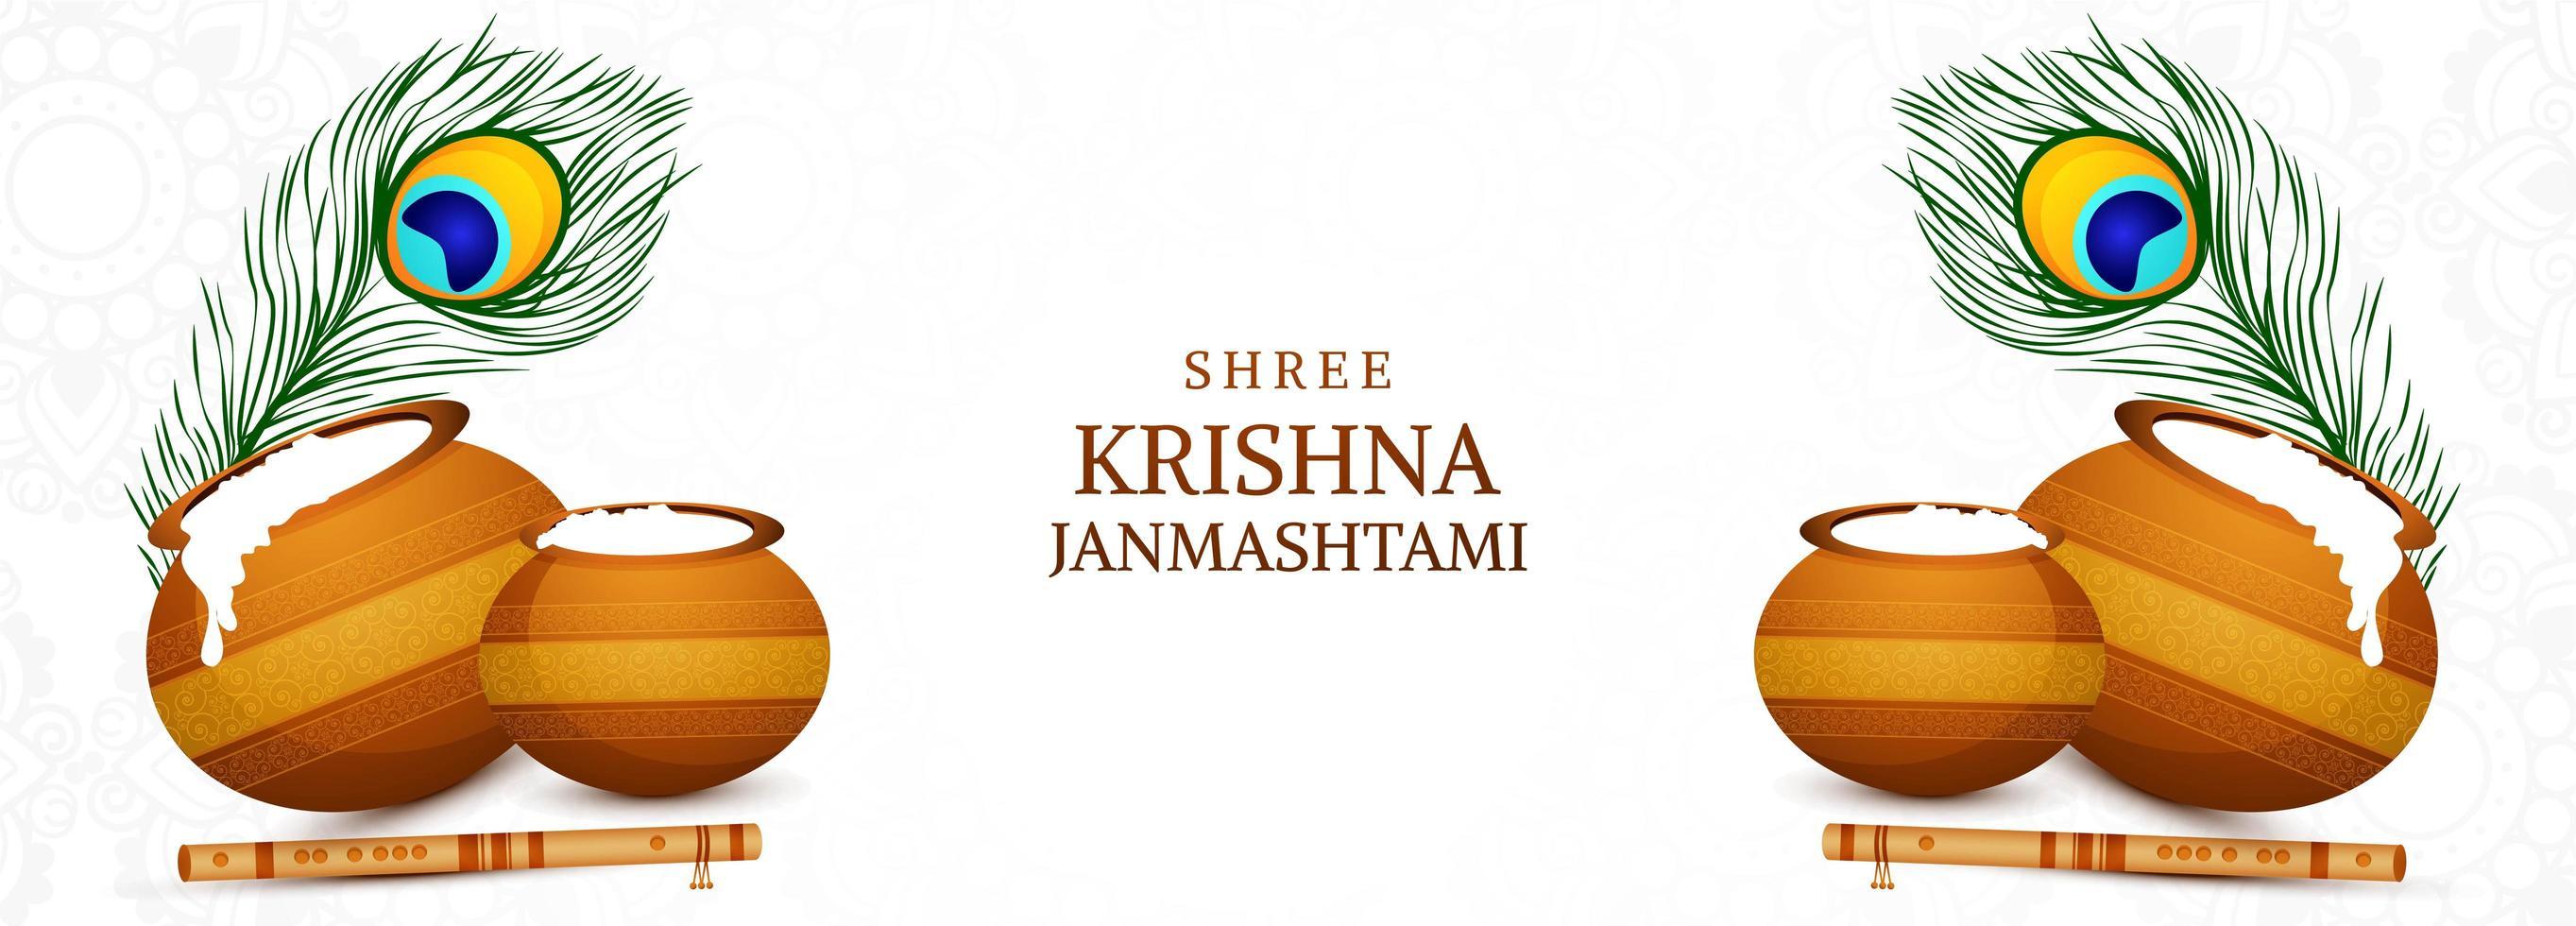 krishna janmashtami-festivalkaart met banner van pappotten vector